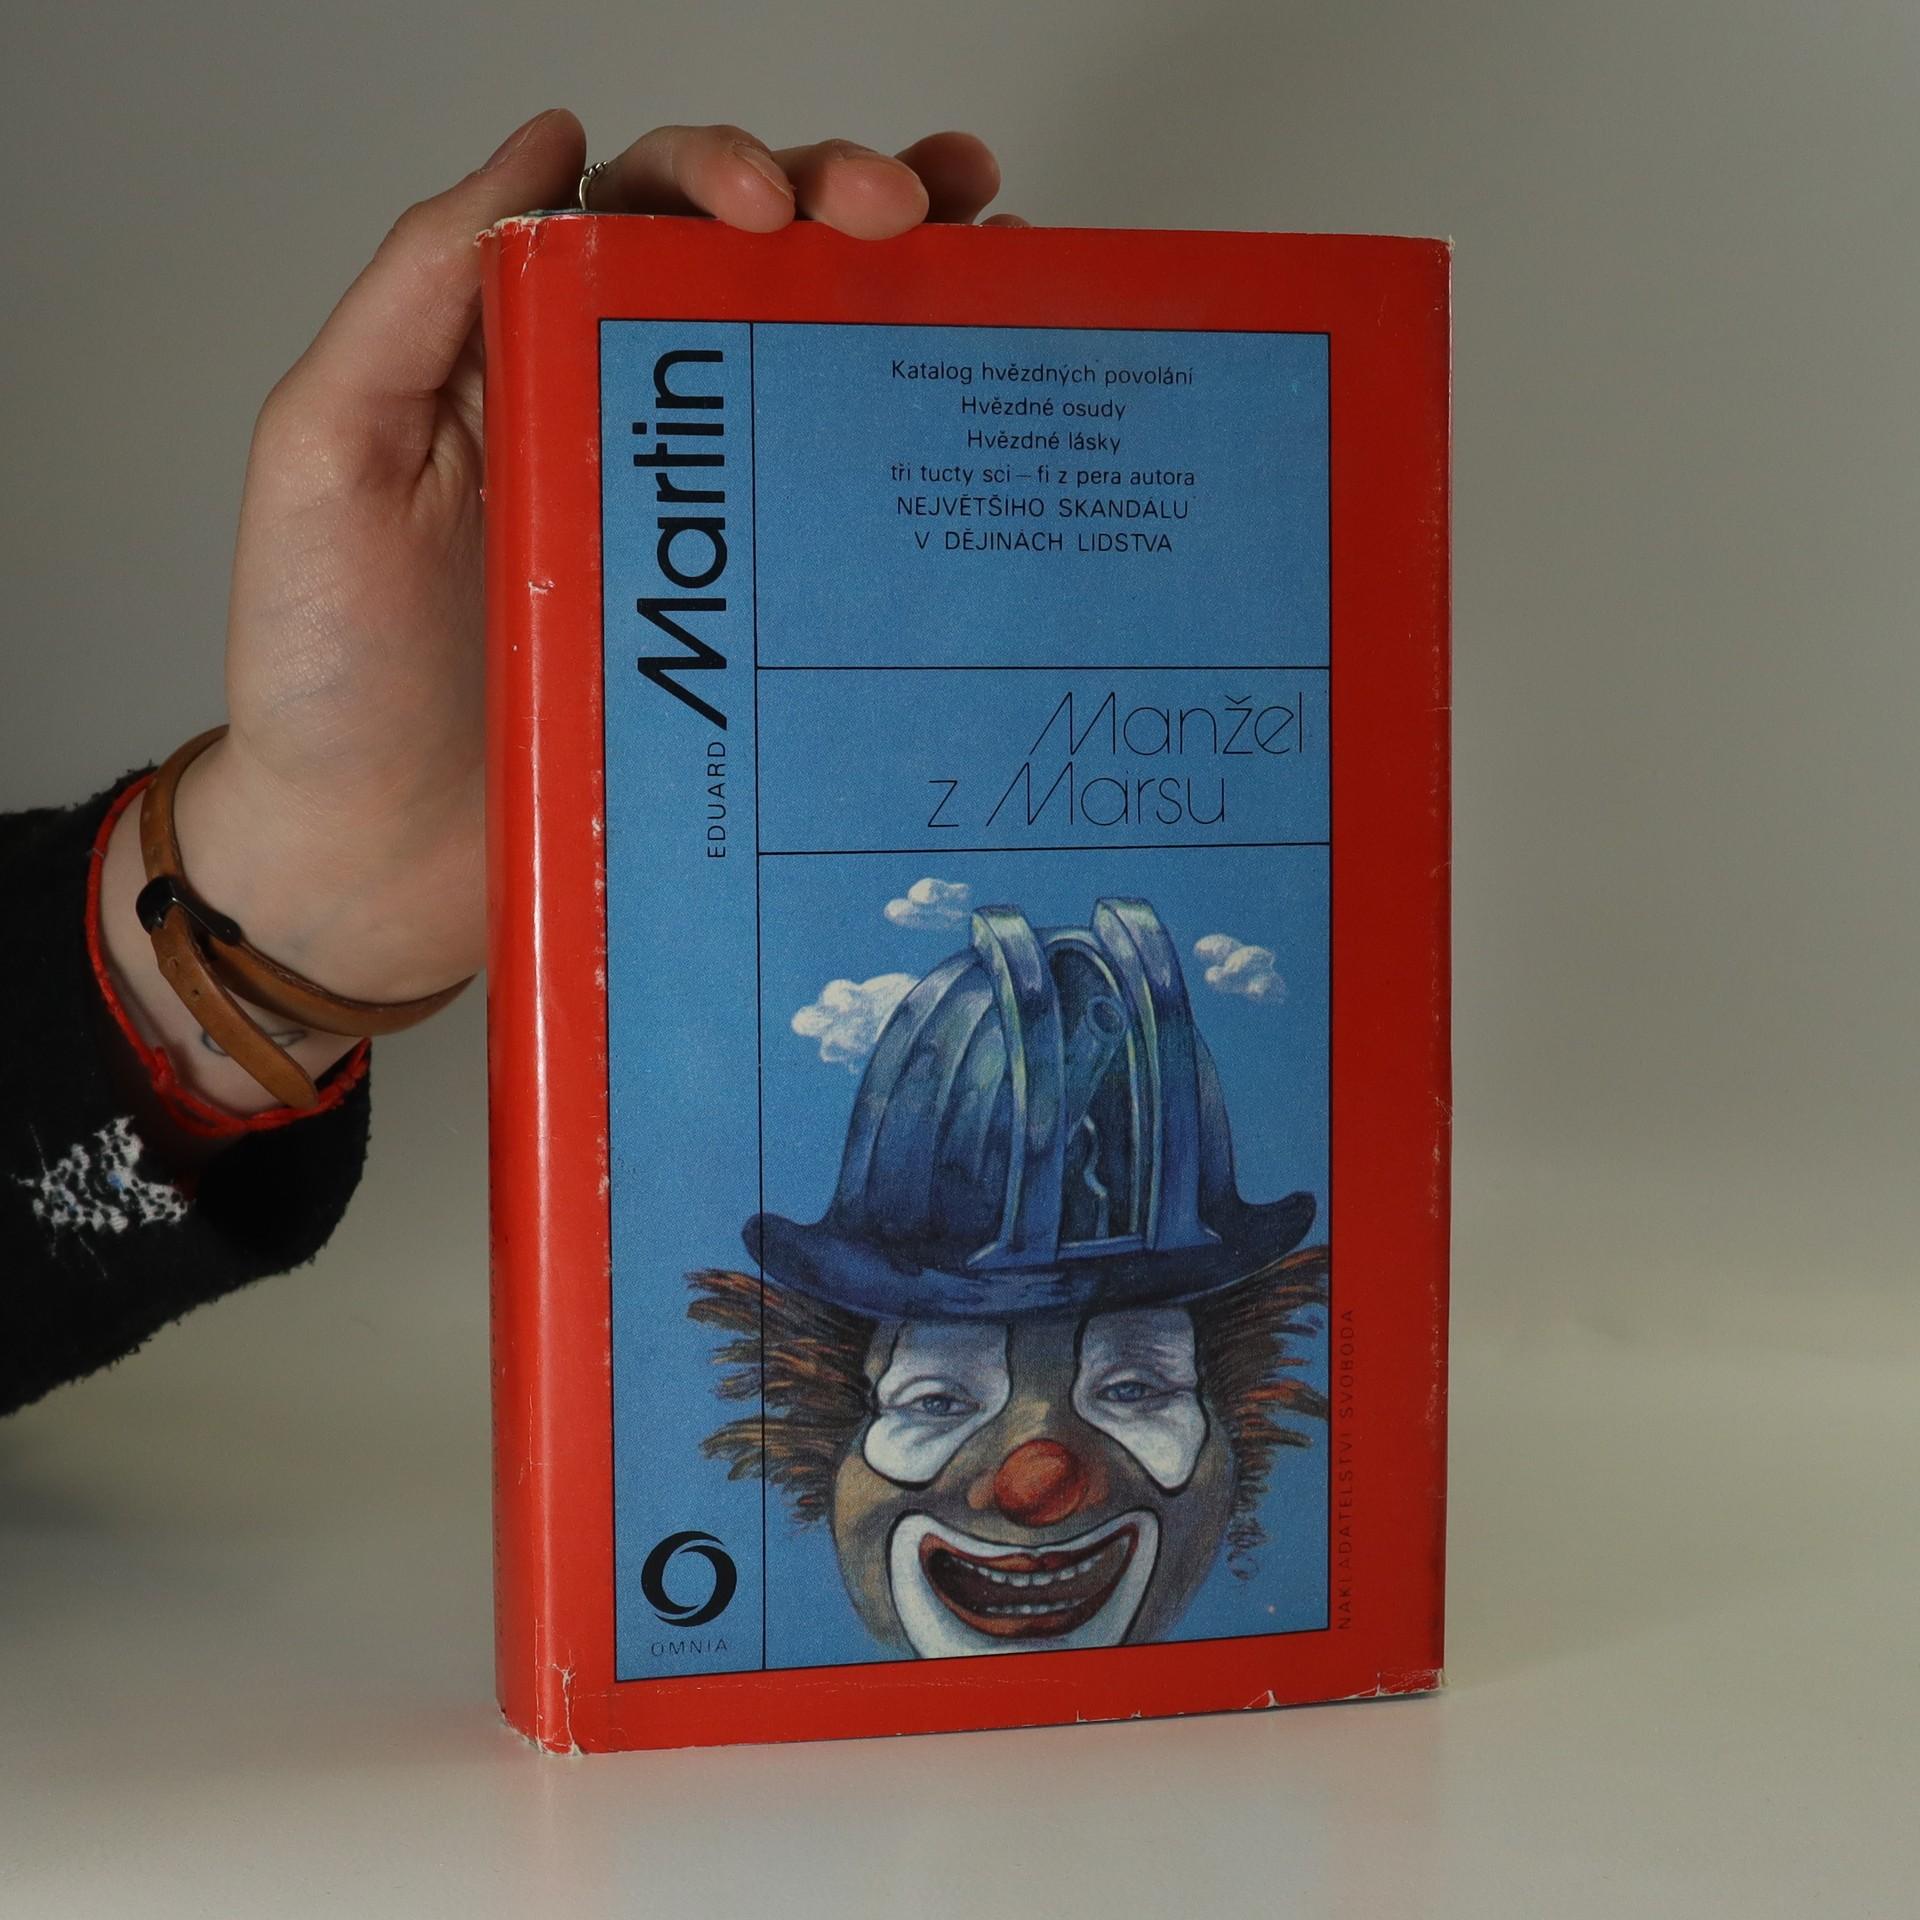 antikvární kniha Manžel z Marsu, 1986